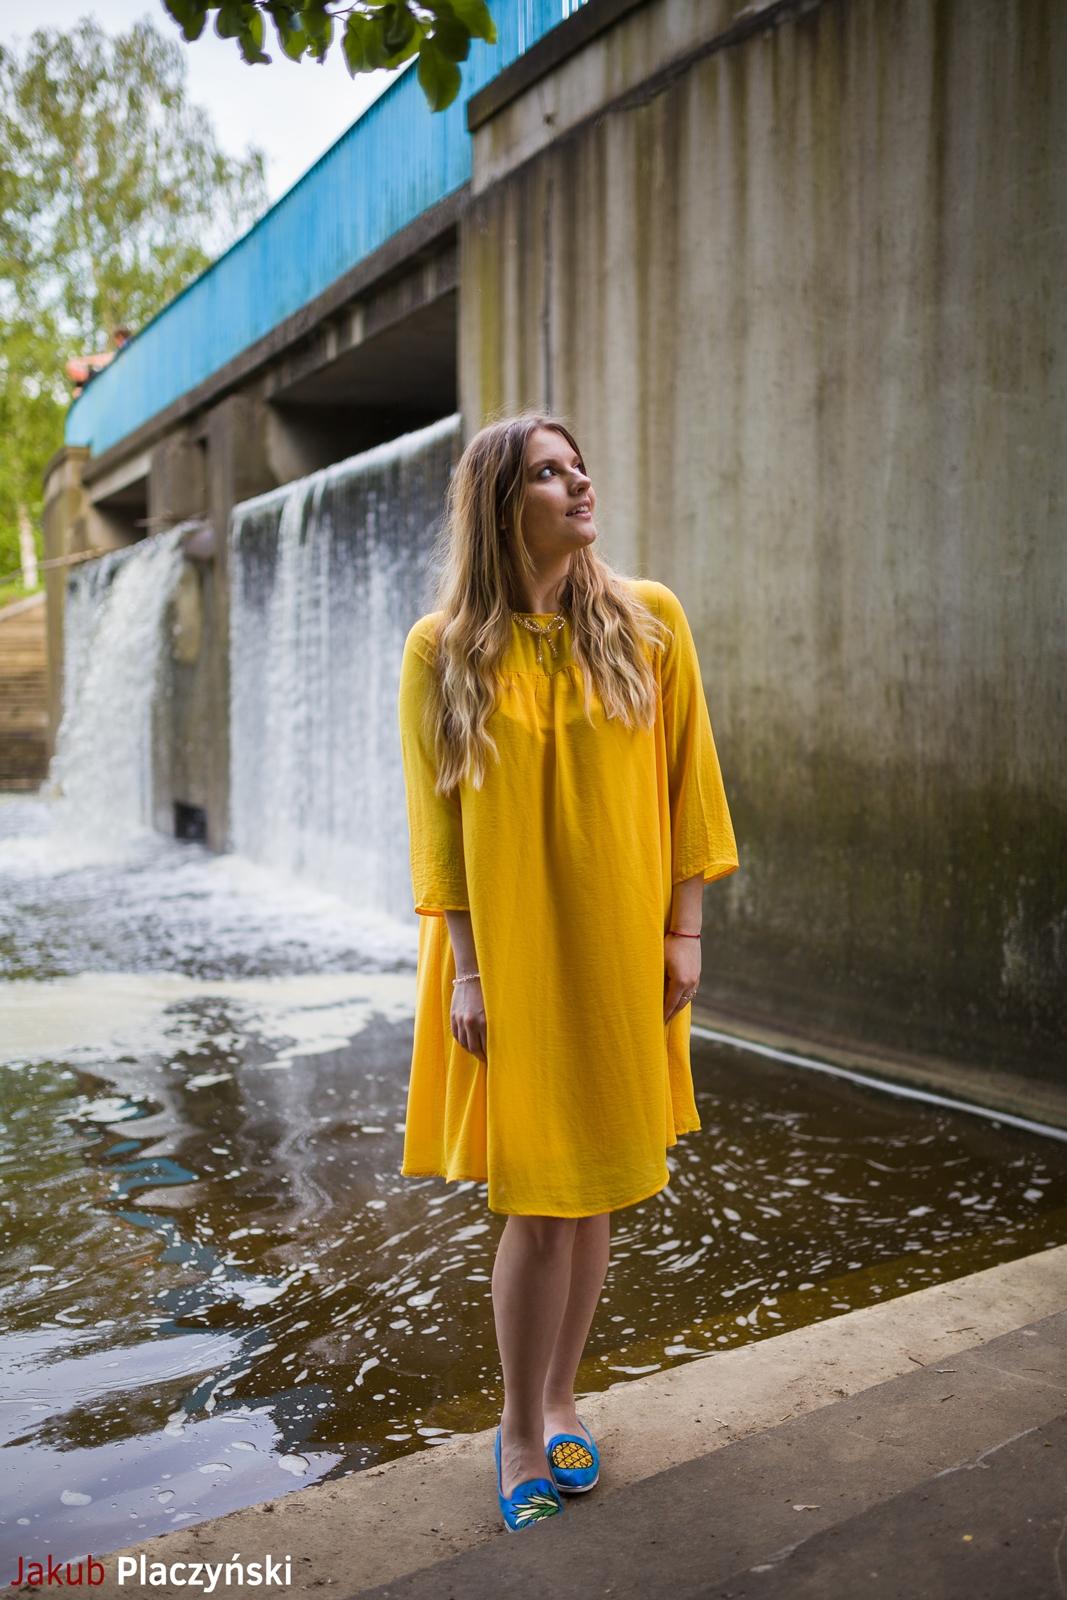 5 żółta sukienka na lato bonprix niebieskie espadryle z ananasem renee shoes reneegirls reneeshoes melodylaniella modnapolka lookbook ootd moda na lato biżuteria piotrowski swarovski